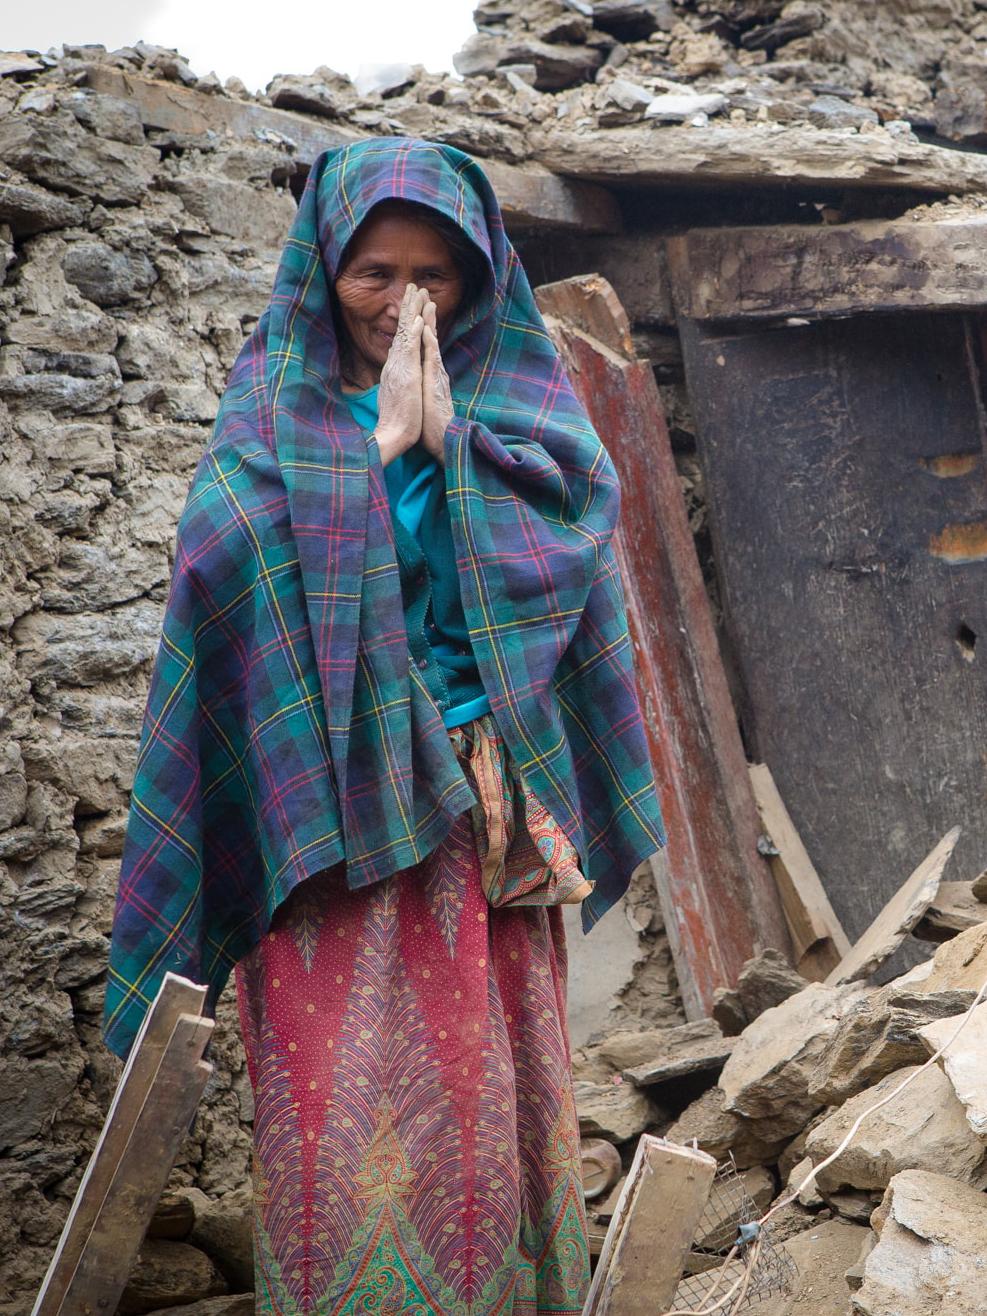 nepali-earthquake-victim